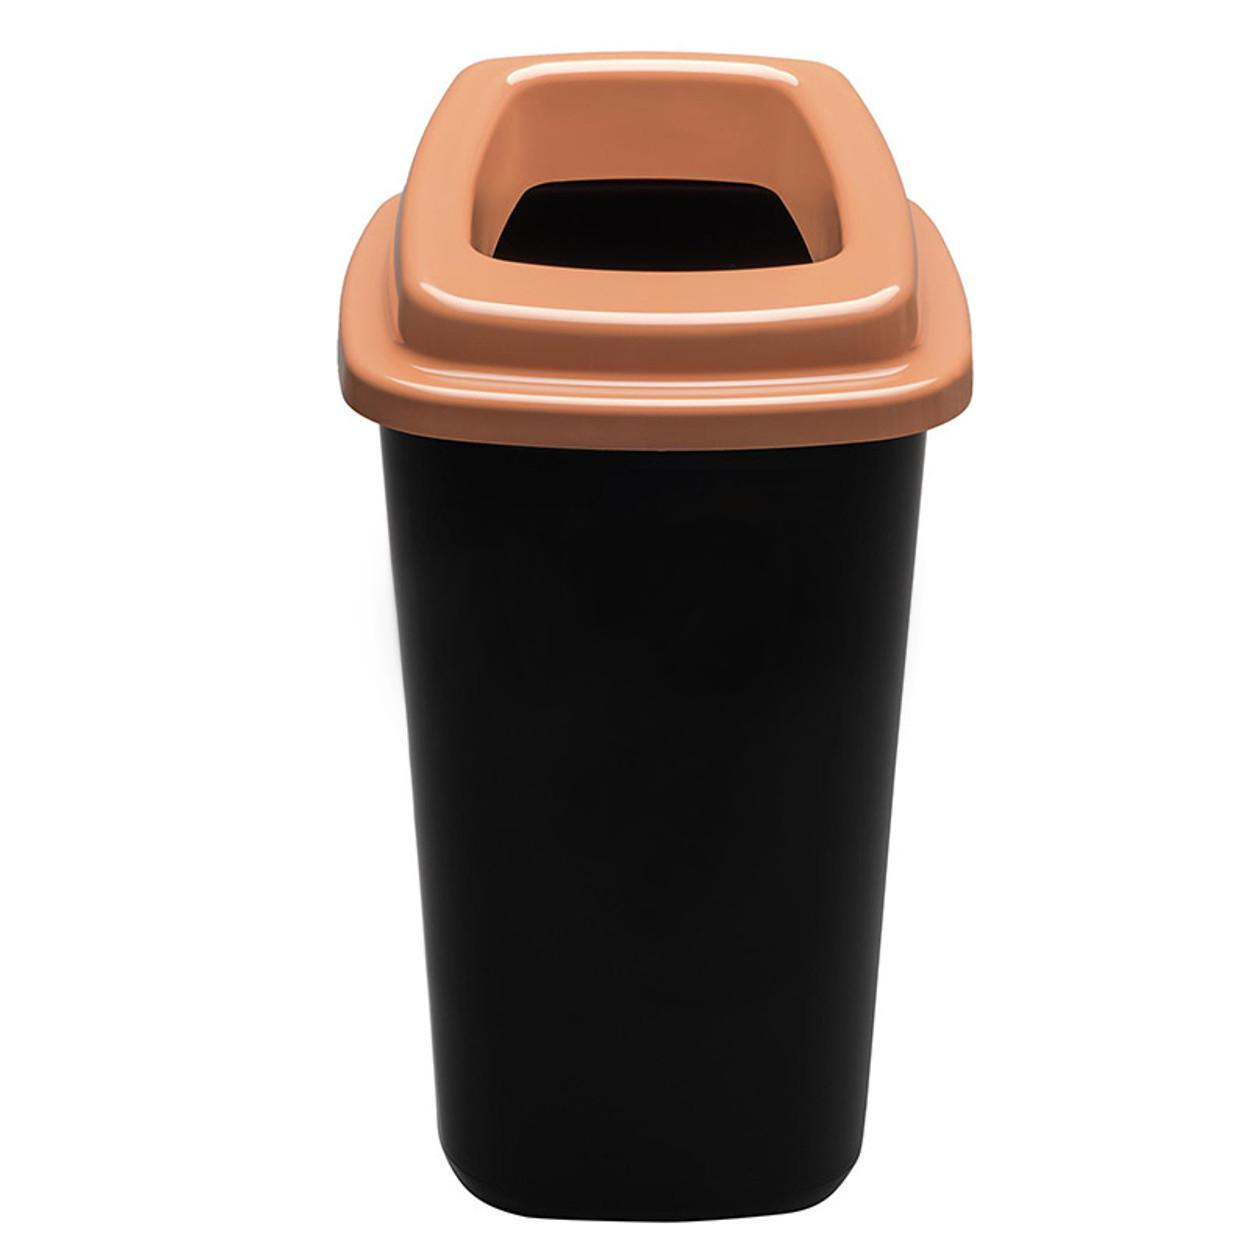 Plastový koš na tříděný odpad, 45 l, zelená